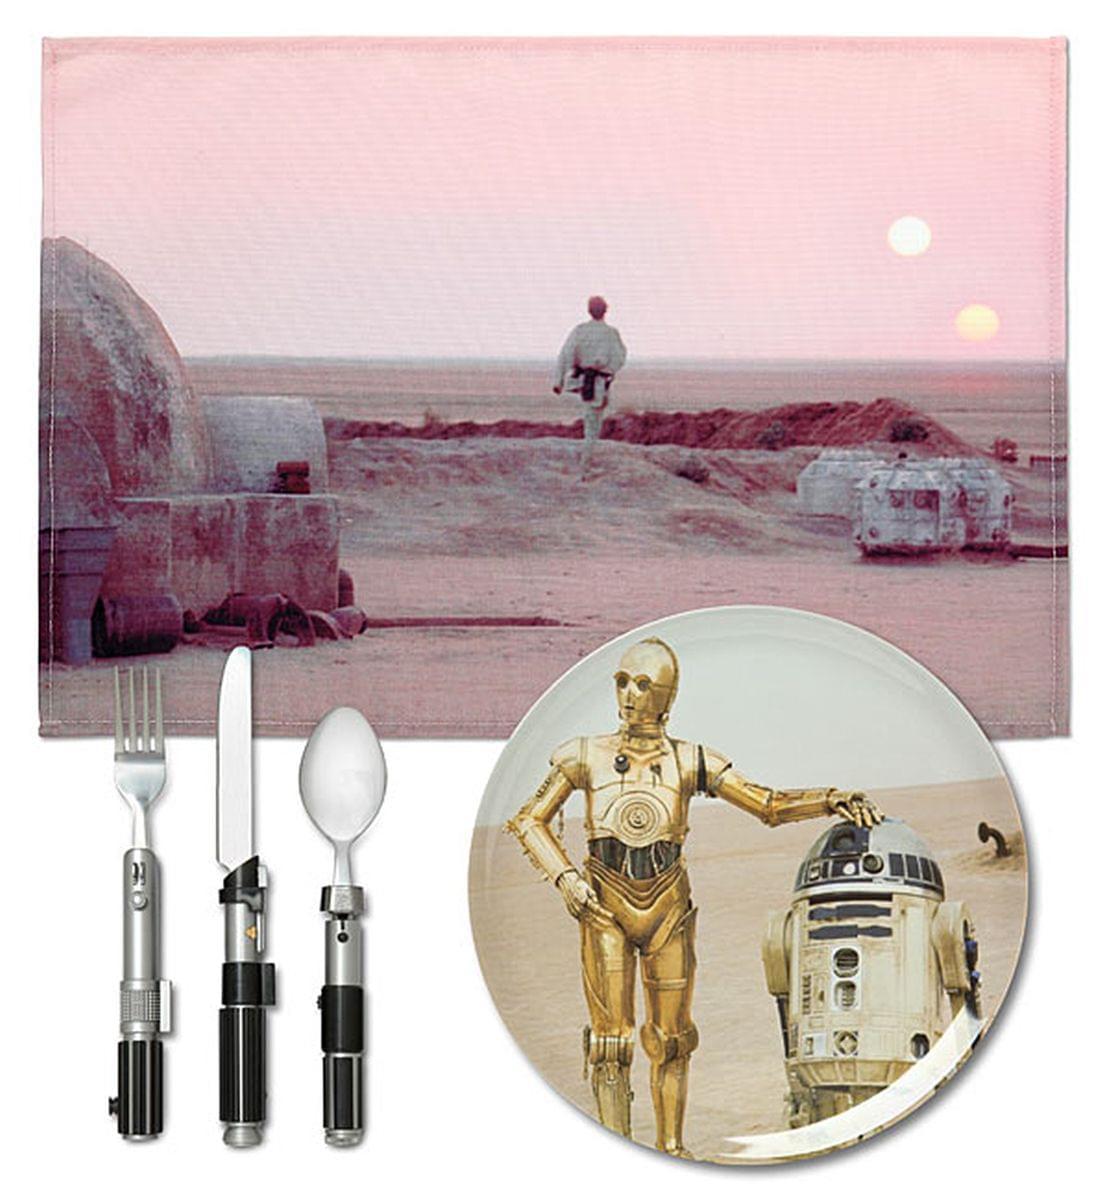 Star Wars Dinner Set: Tatooine